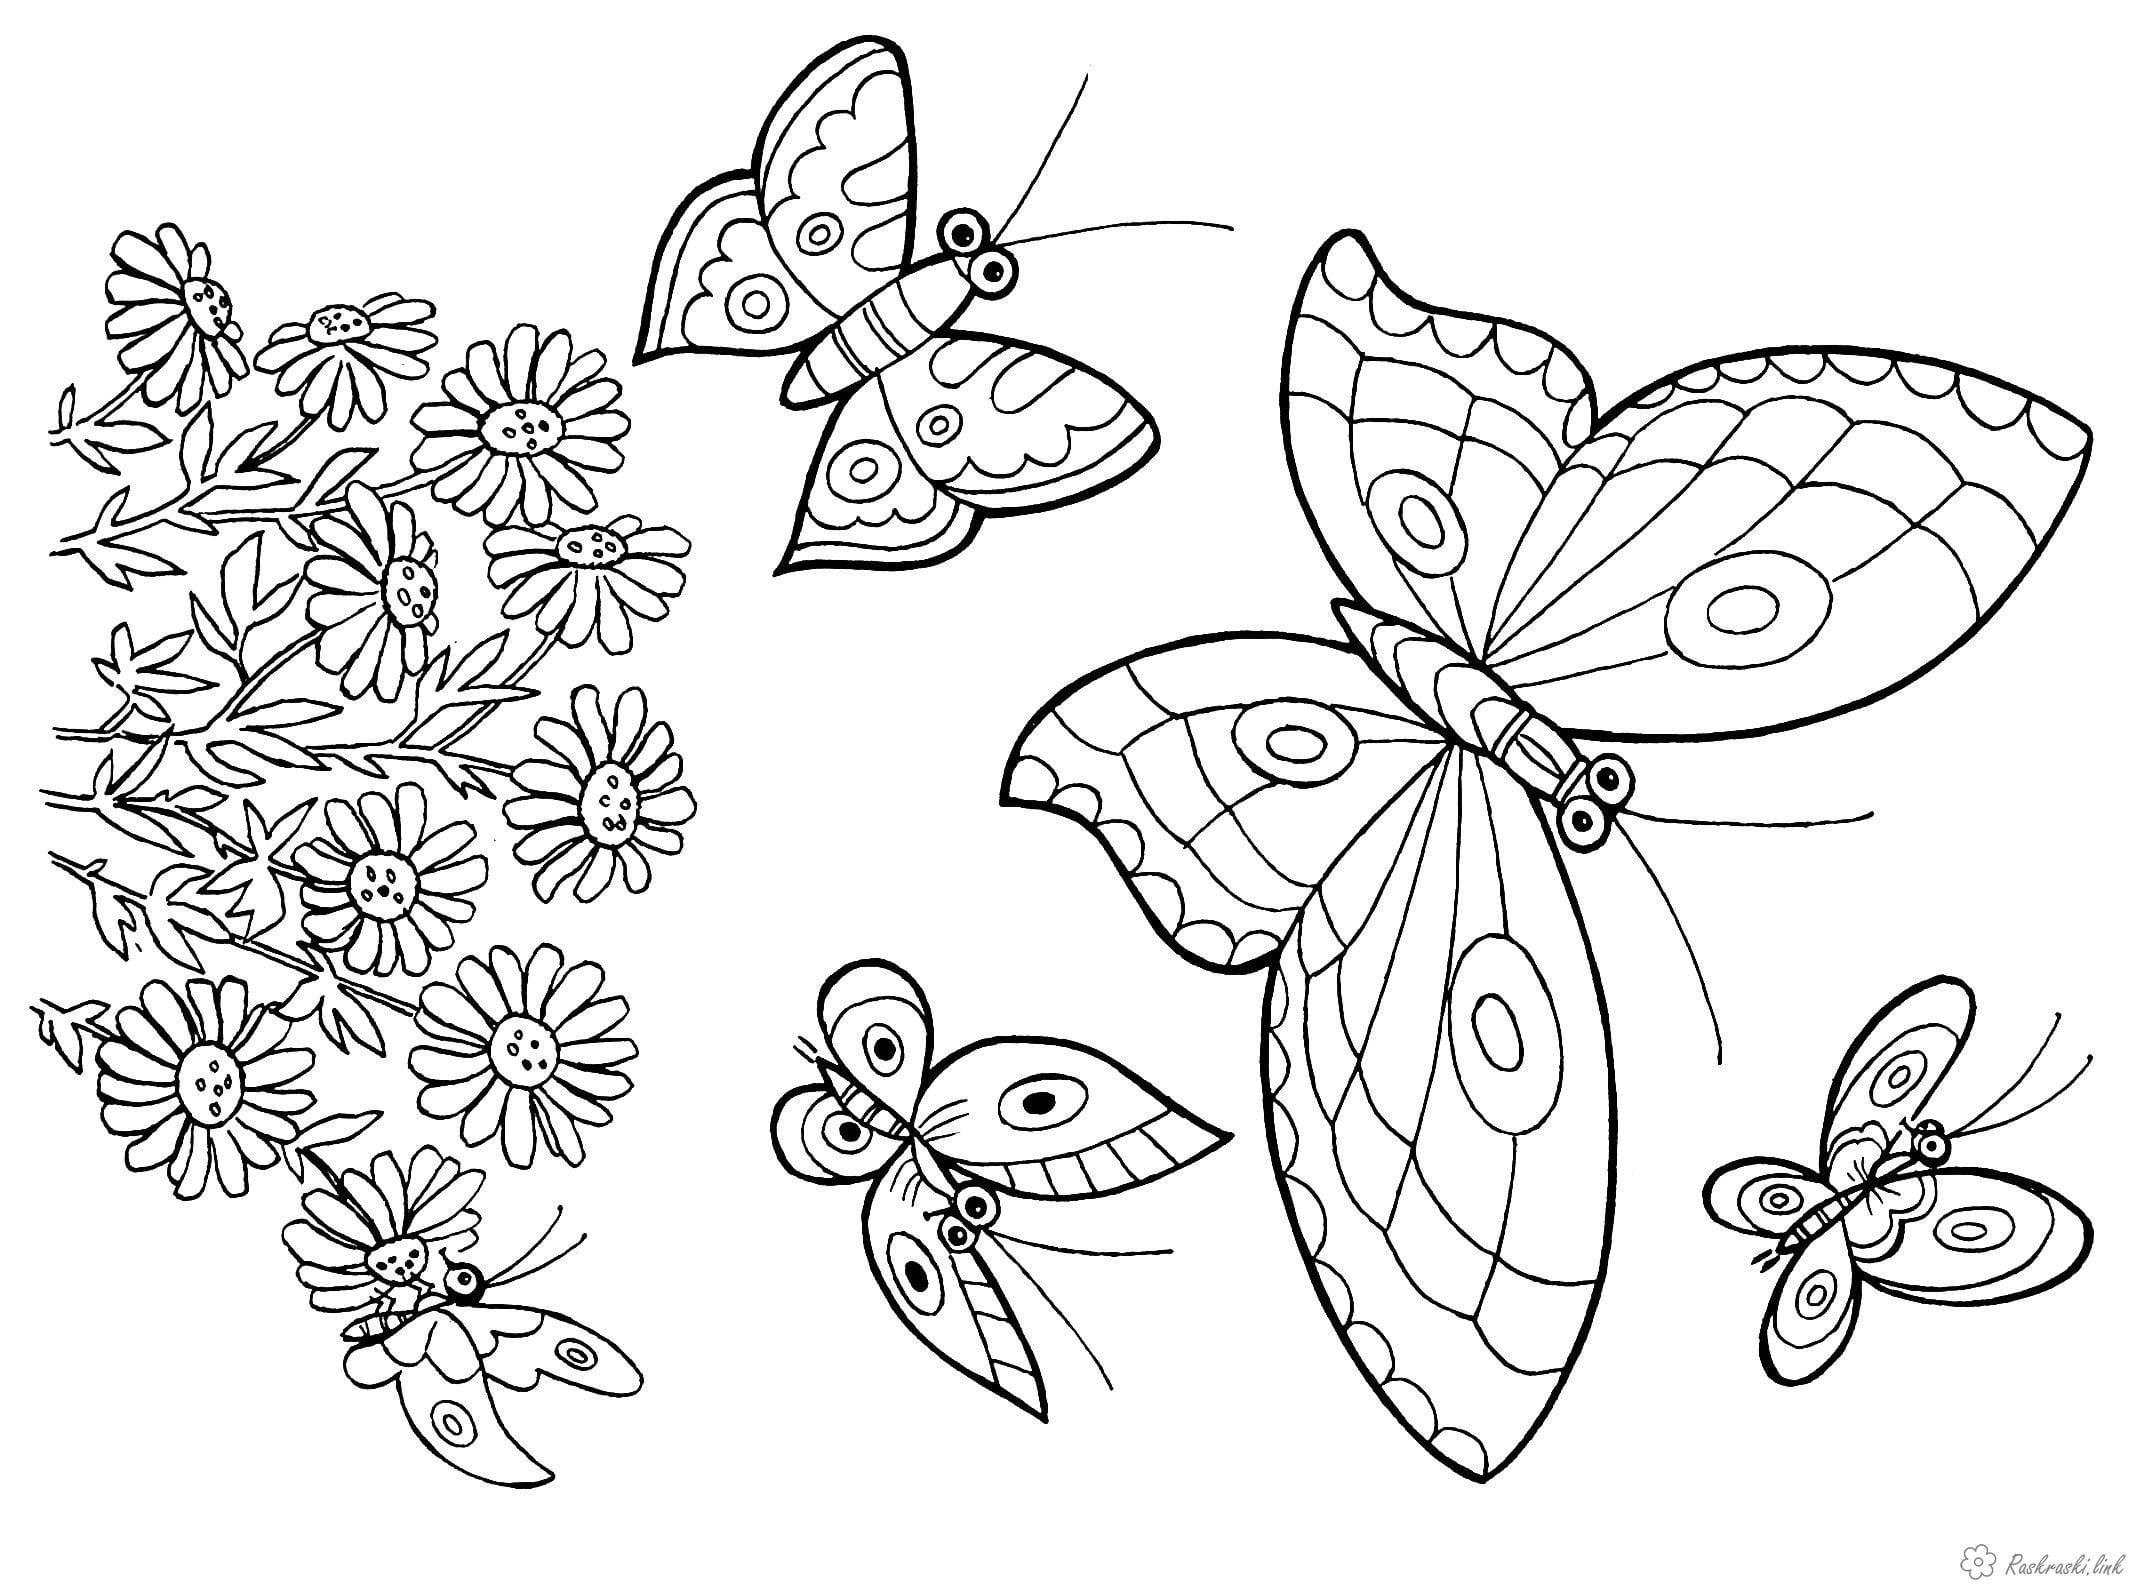 детей раскраска бабочка рисунок для | Рисовака